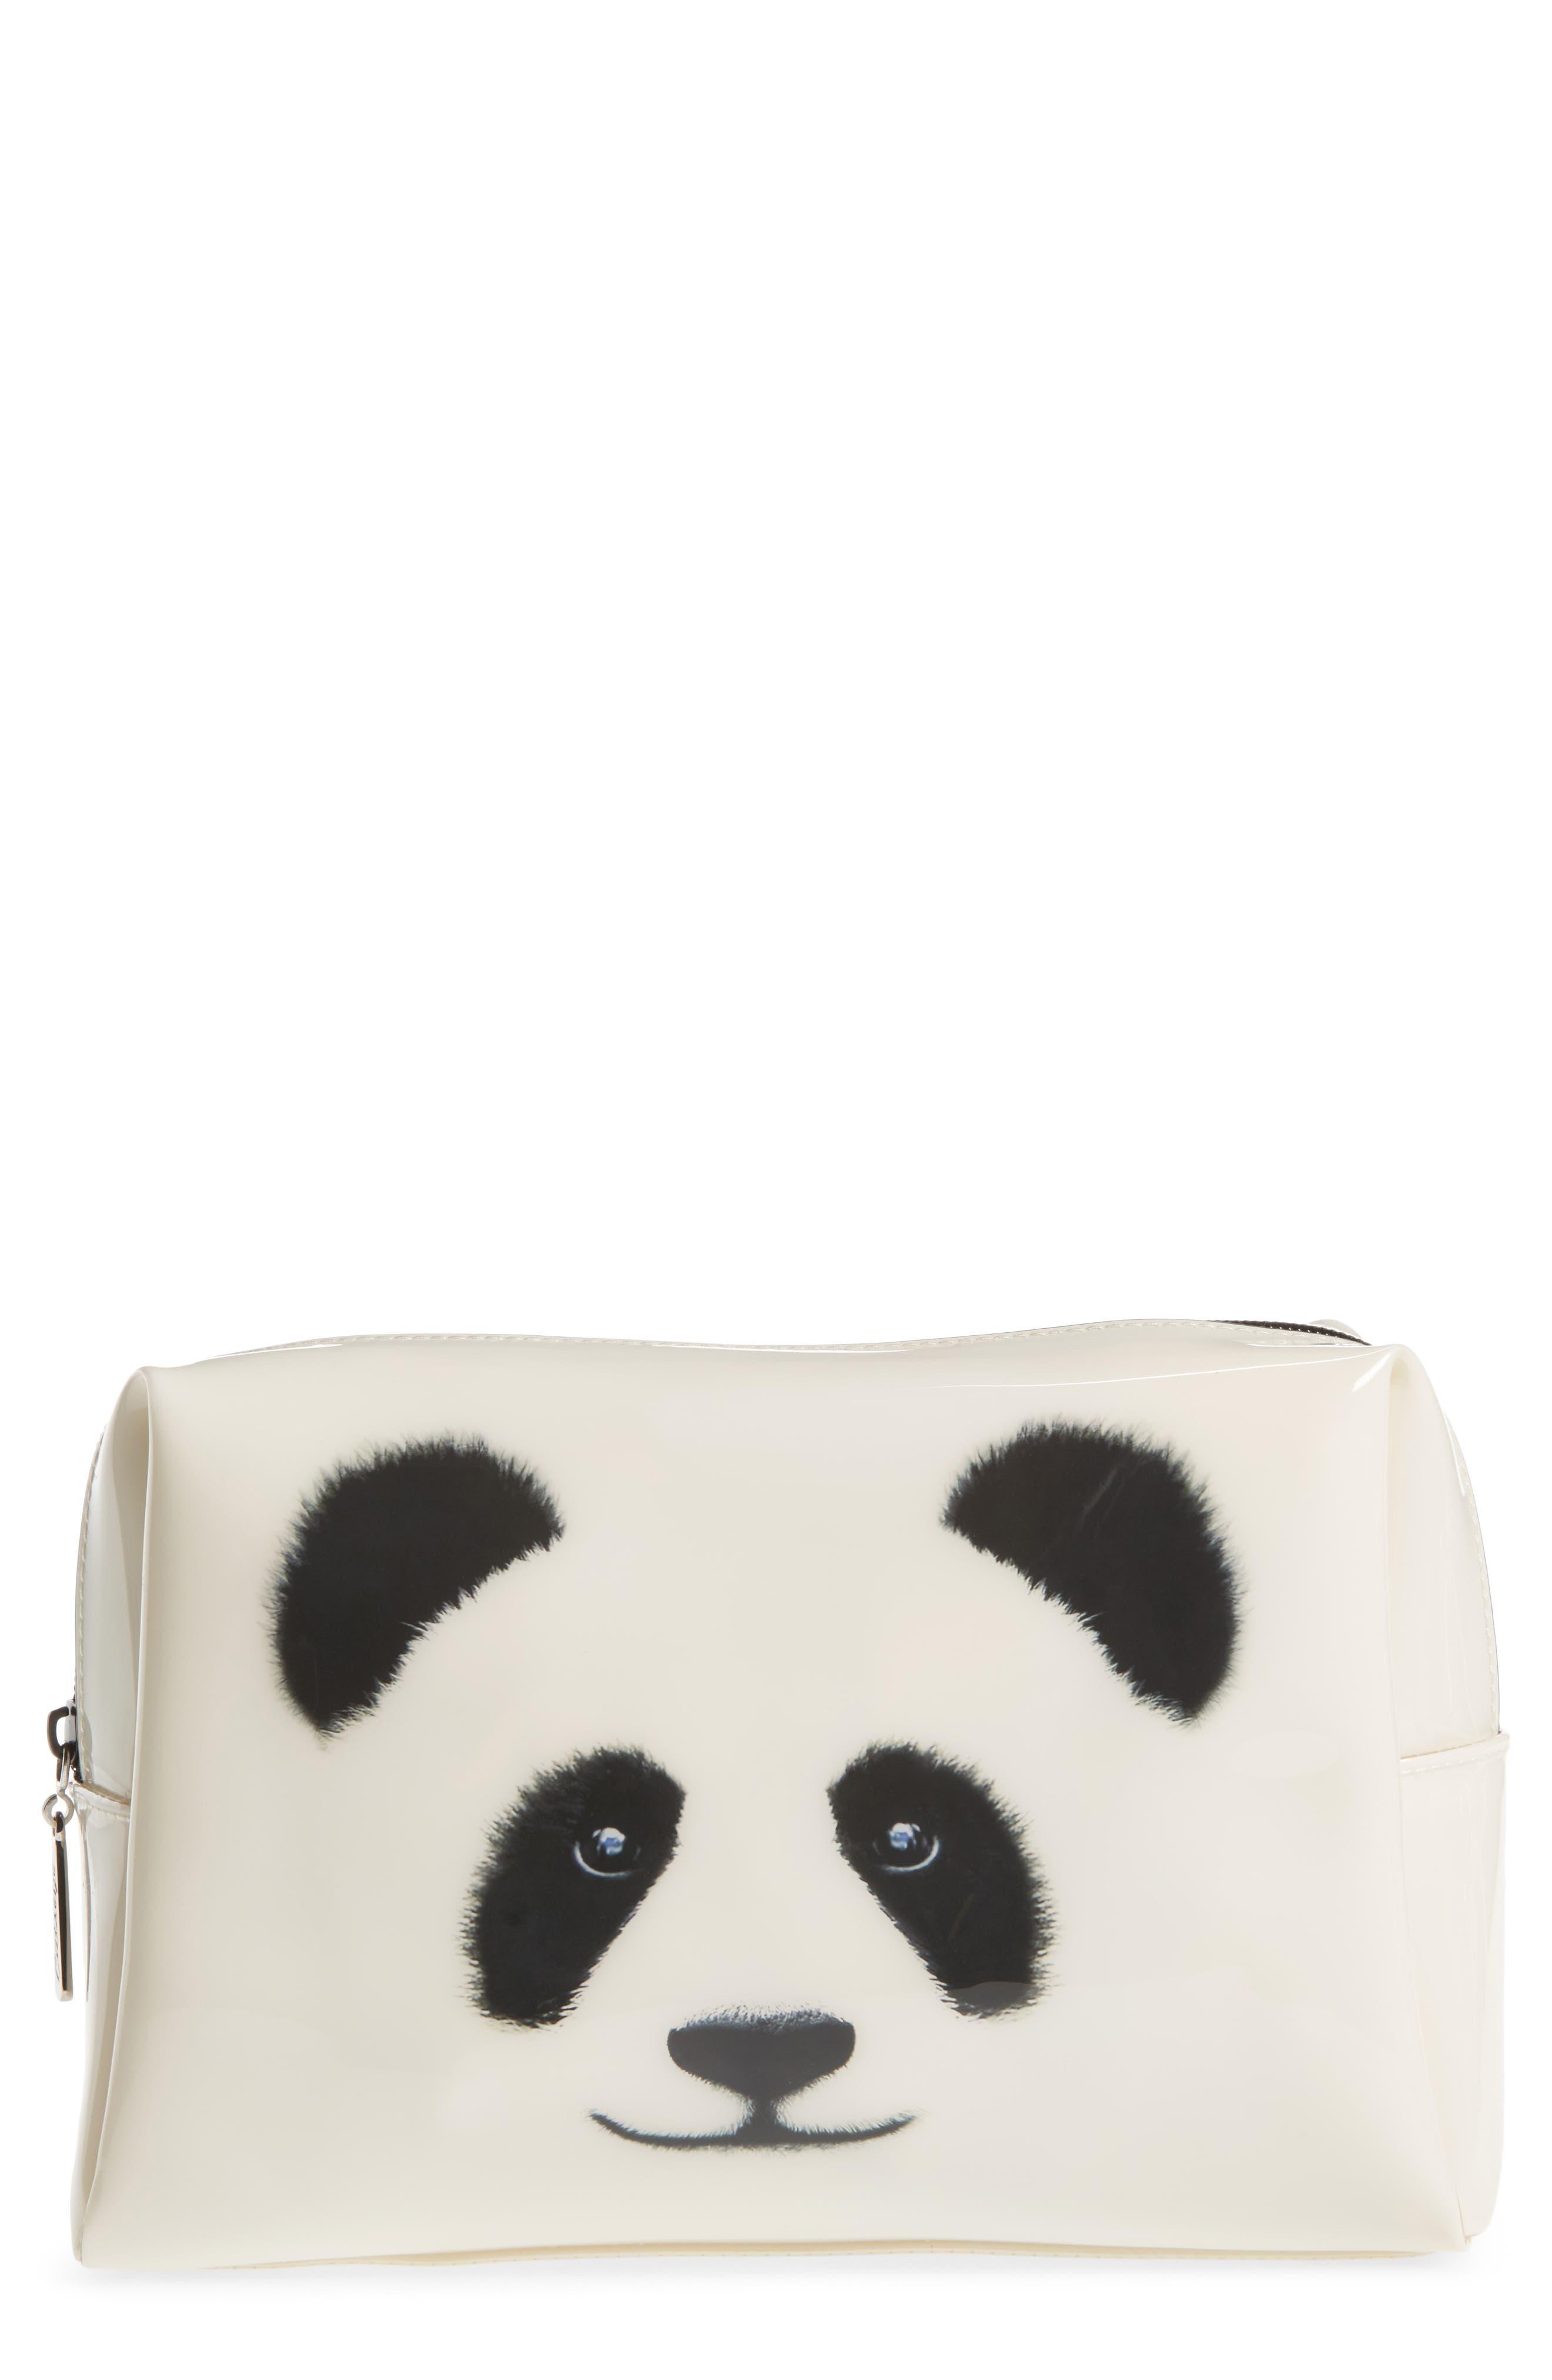 Catseye London Big Face Panda Large Cosmetics Case